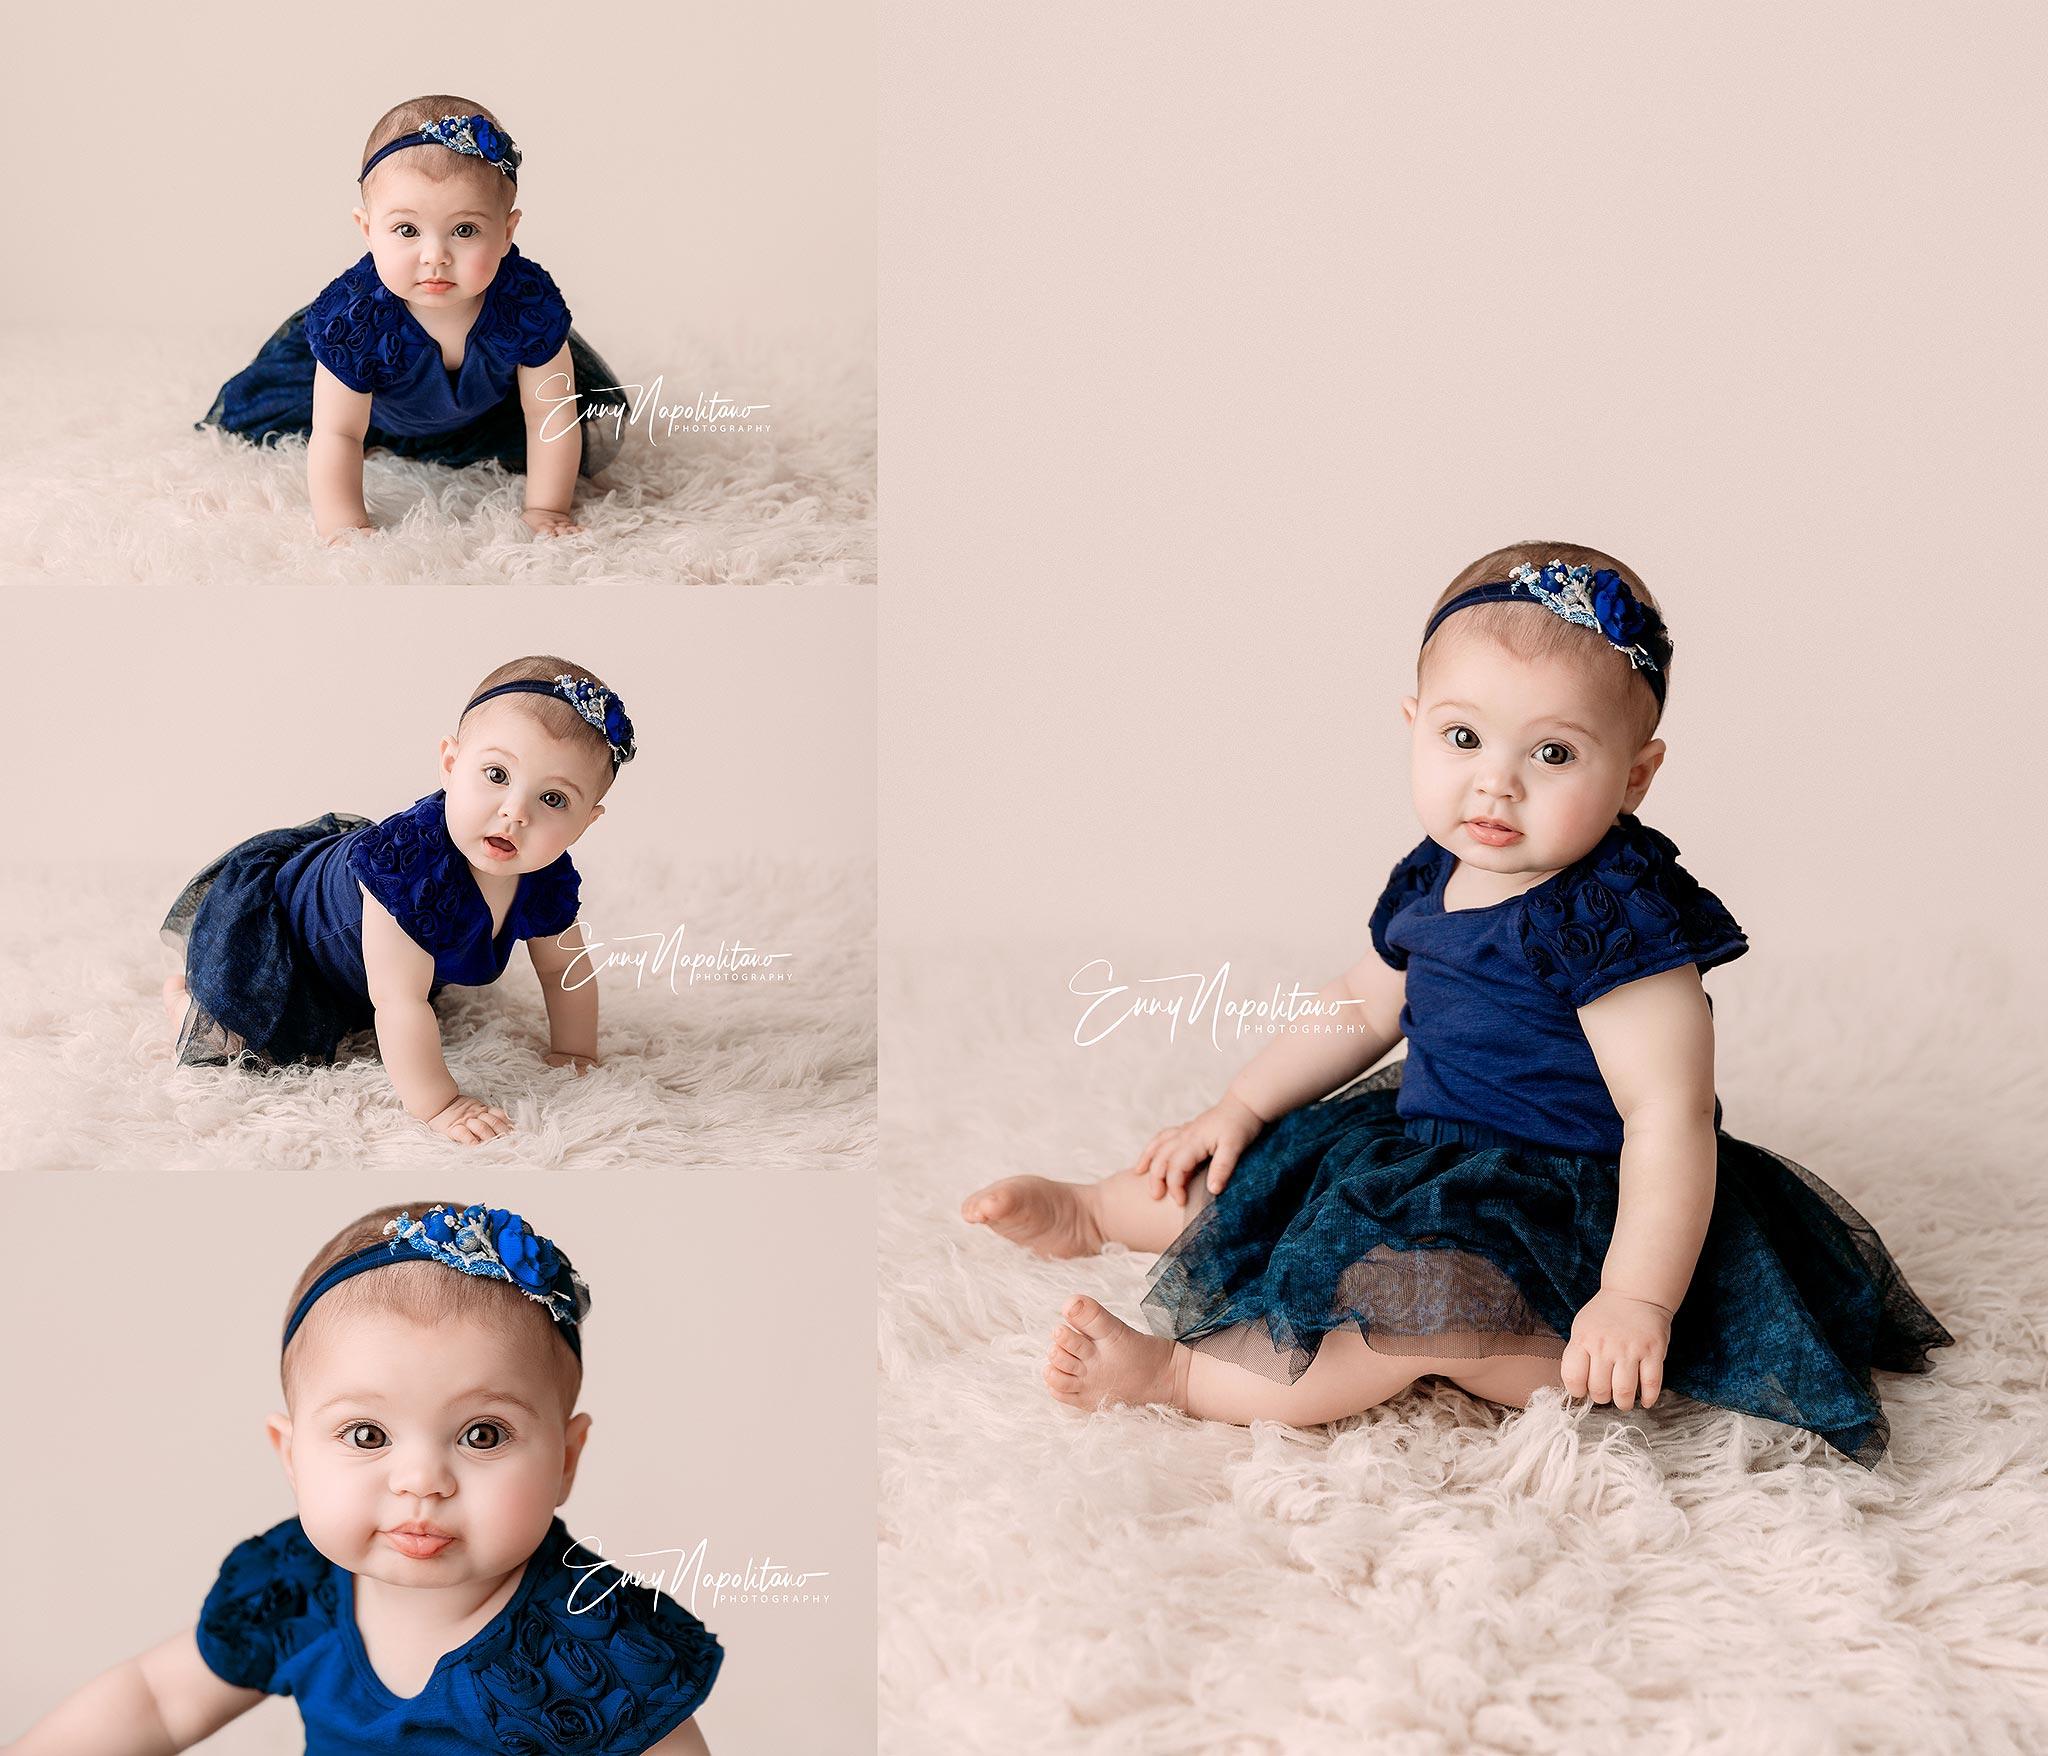 Fotografie di una bambina di 7 mesi in uno studio fotografico per bambini a Milano, Pavia, Monza, Bergamo, Varese fotografo di bambini Milano